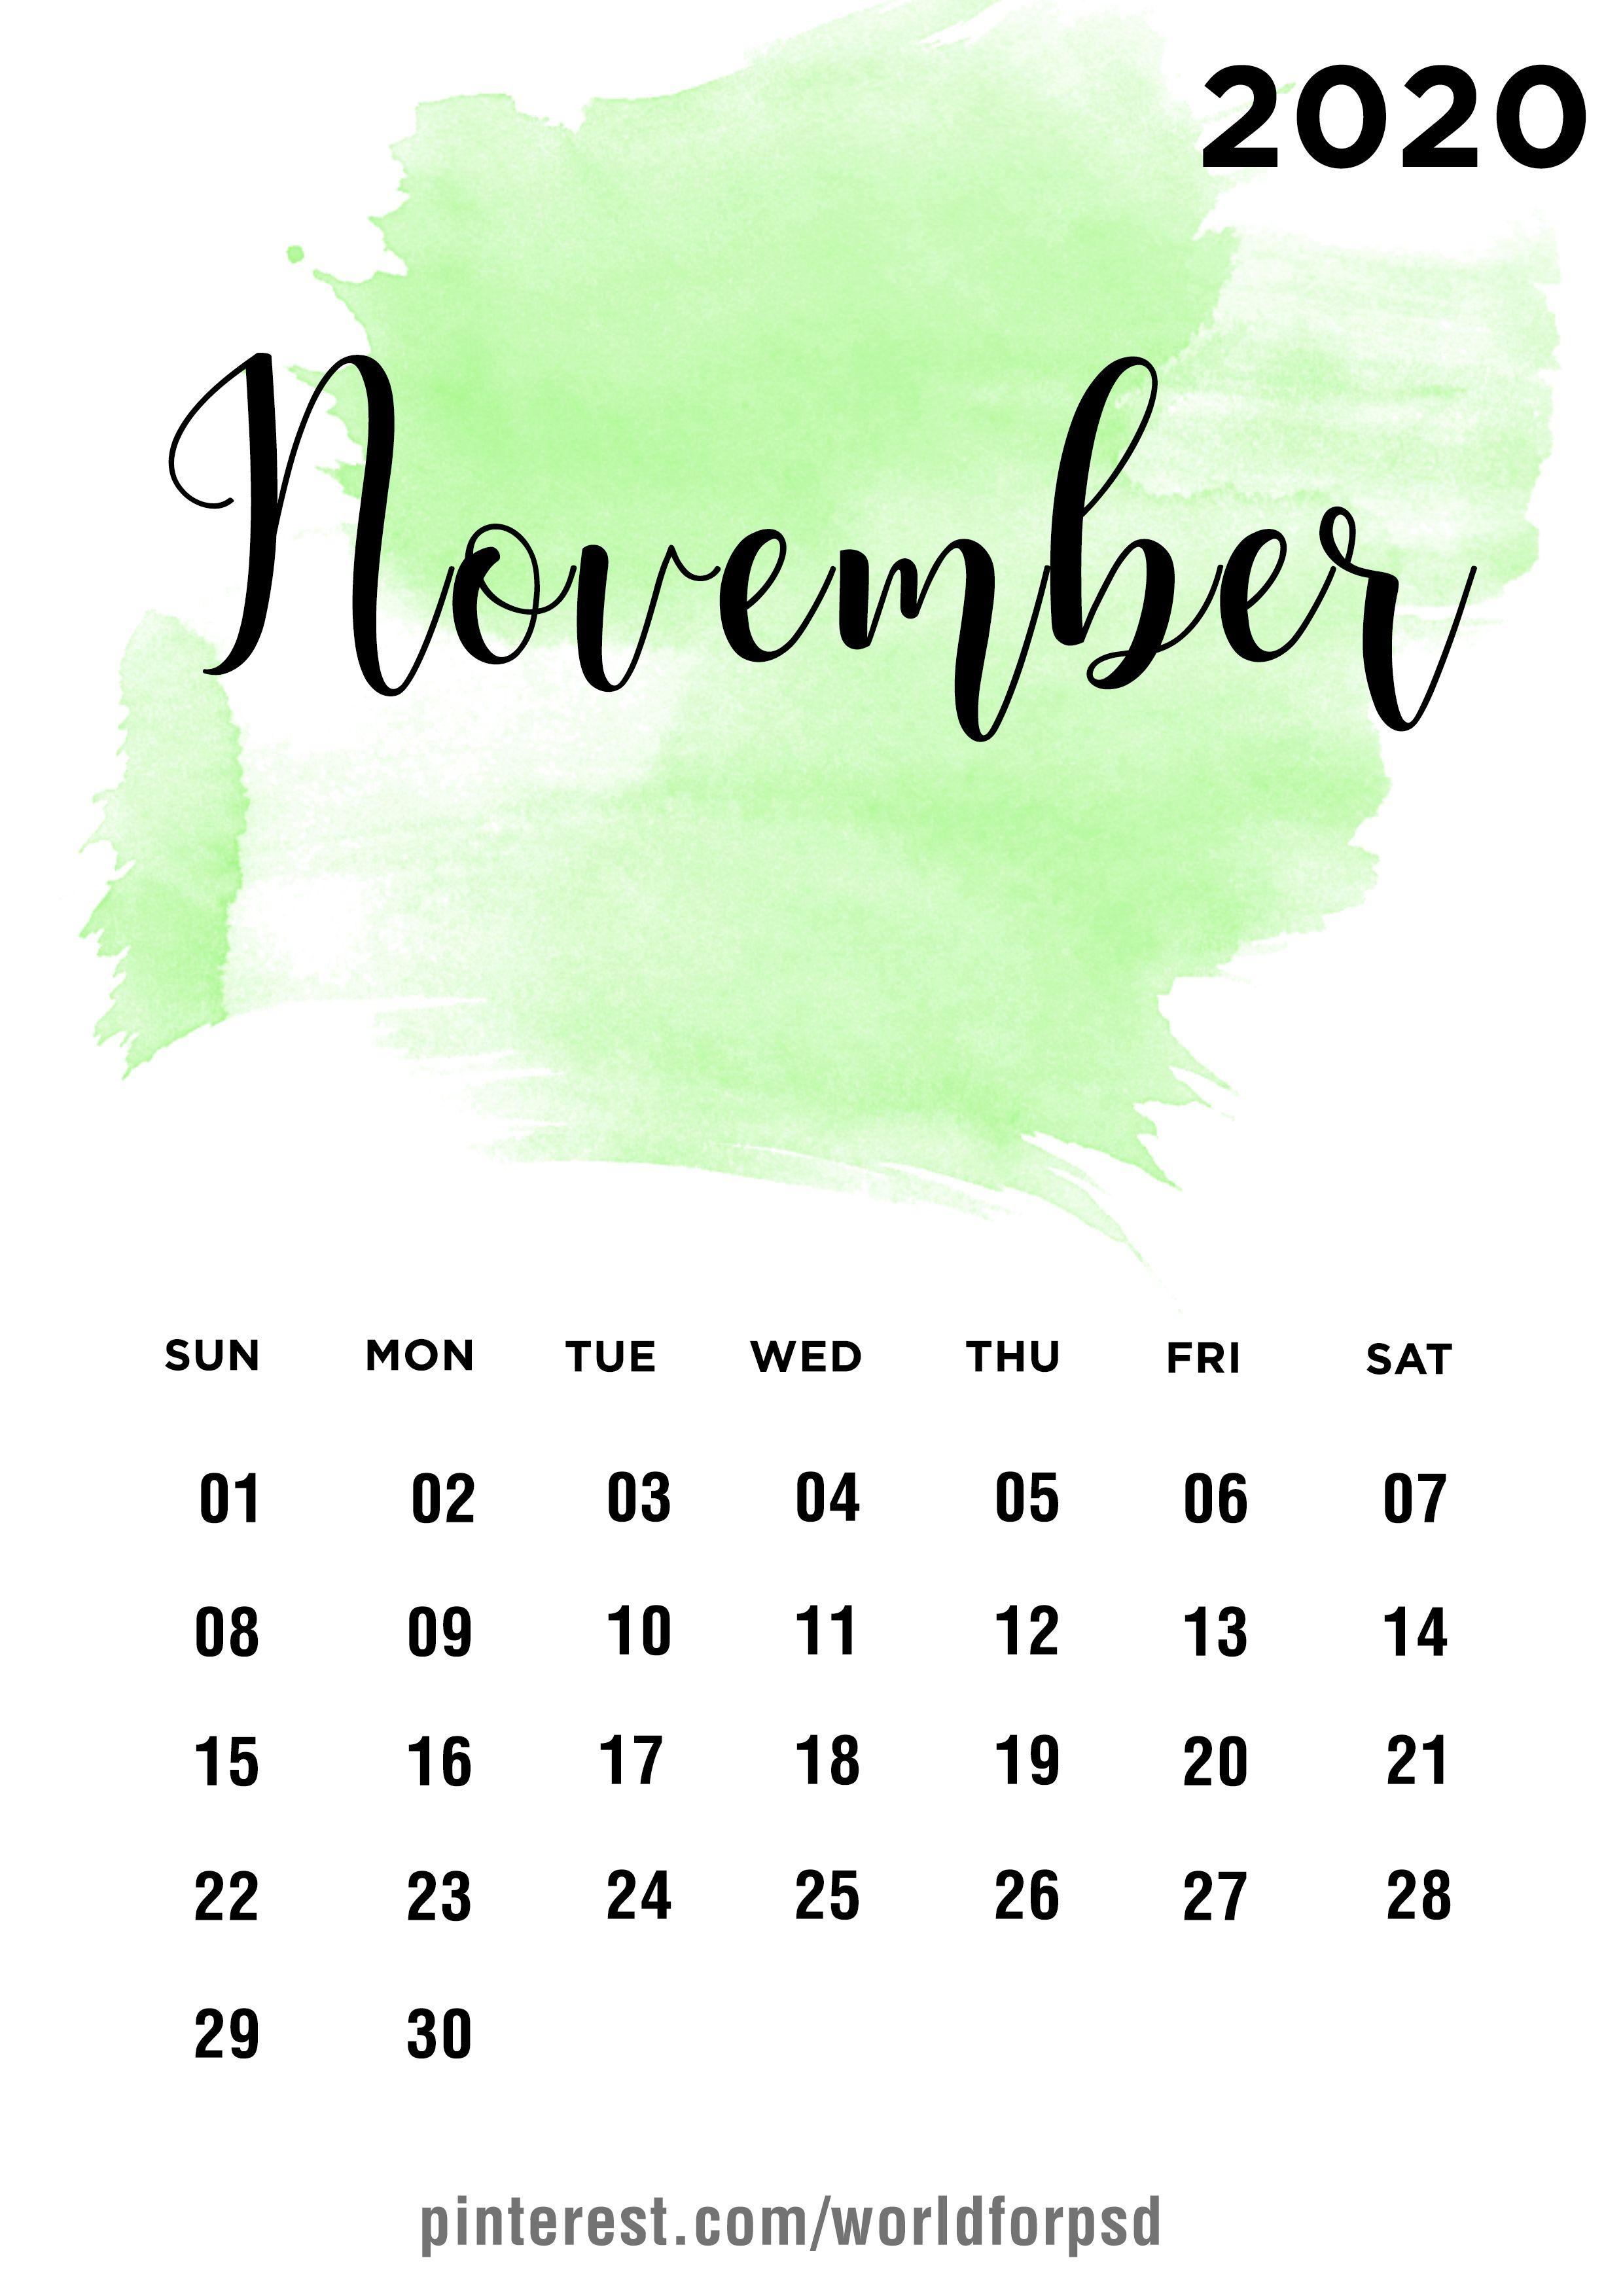 November 2020 Calendar Design Calendar Calendarideas Newyear Newyearcalendar 2020 En 2020 Calendario Para Imprimir Gratis Plantilla Calendario Ideas De Calendario